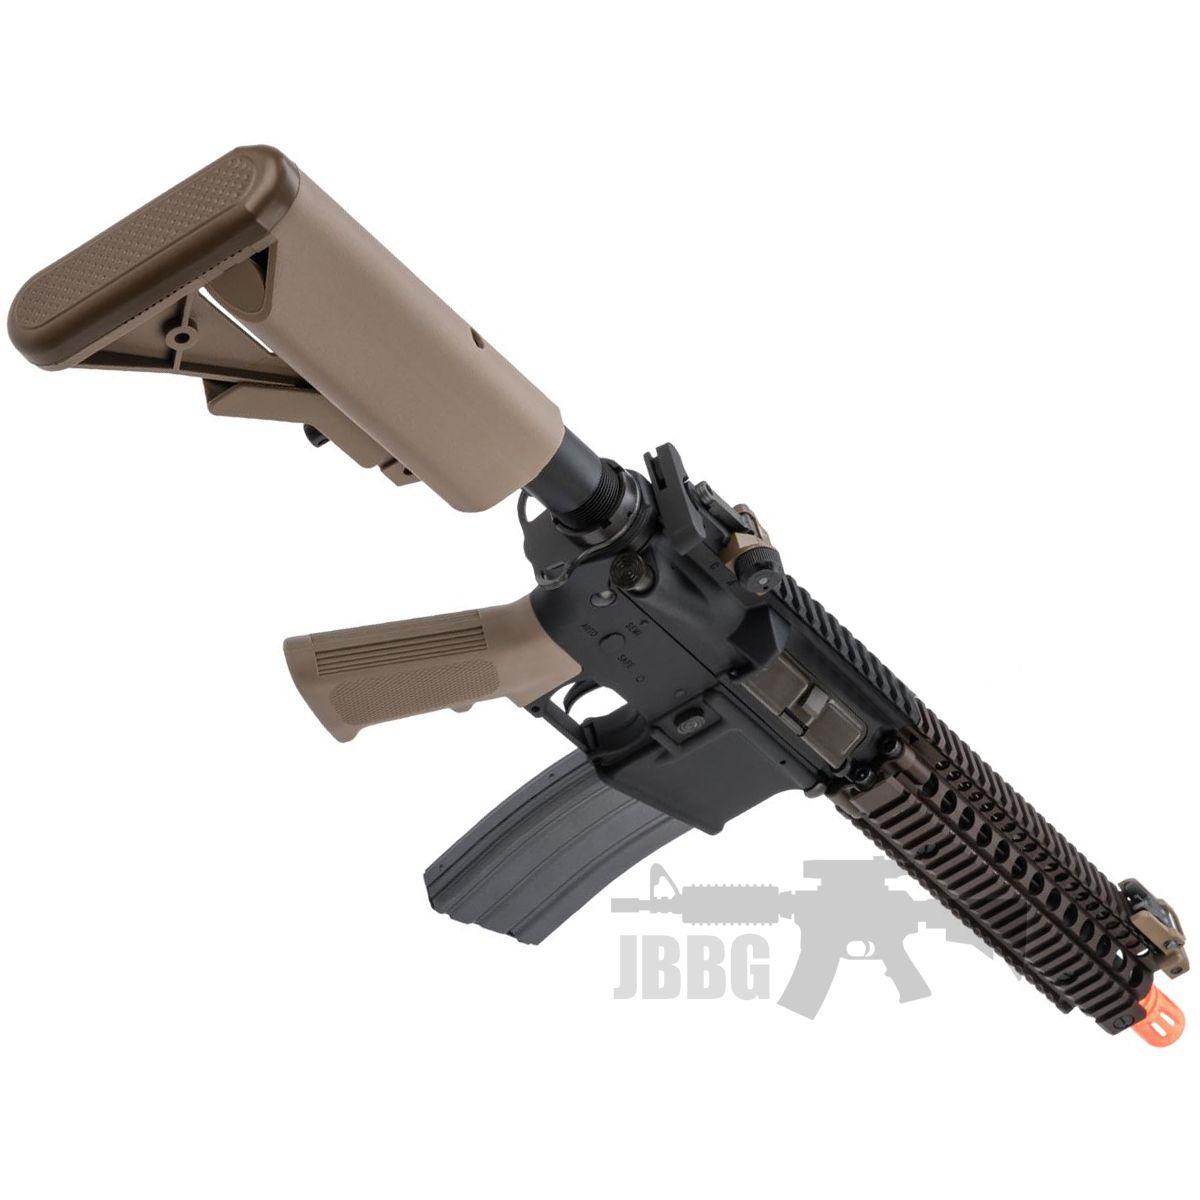 VFC Daniel Defense MK18 MOD1 Airsoft Gun